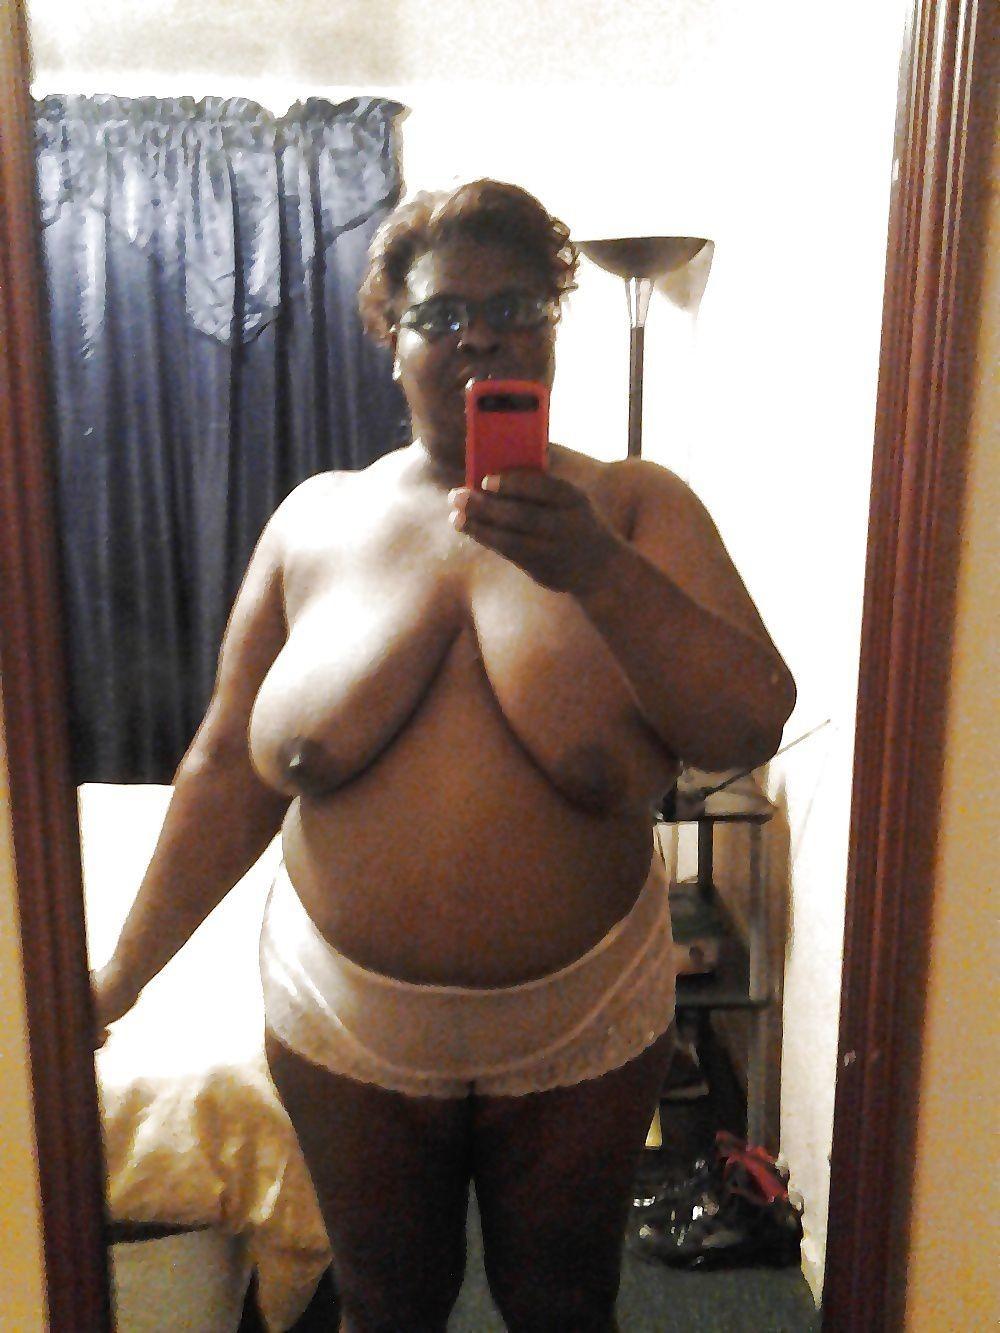 amatrice du 25 montre ses gros seins lourds